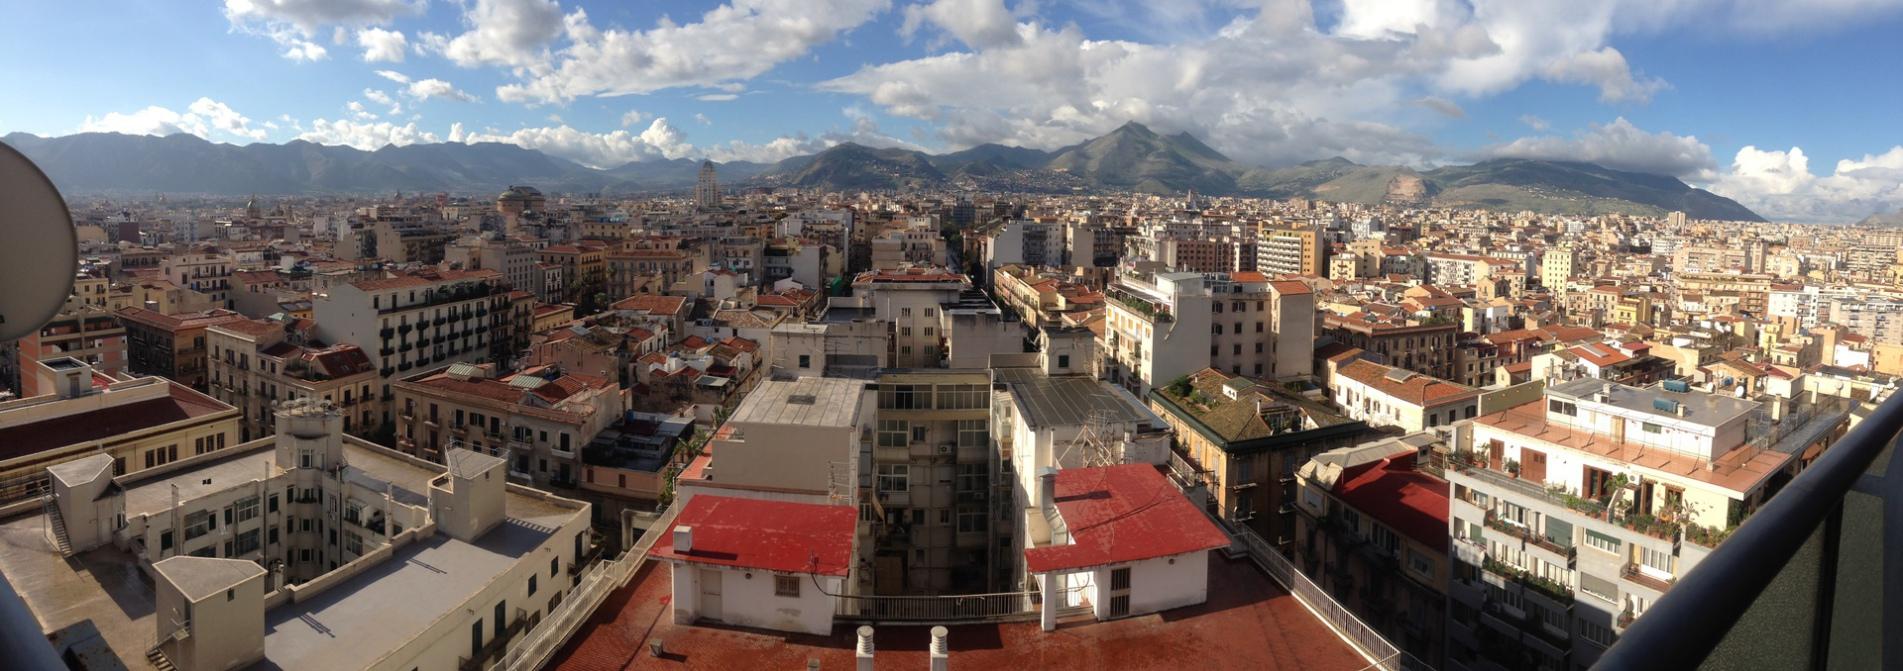 Cidec di Palermo